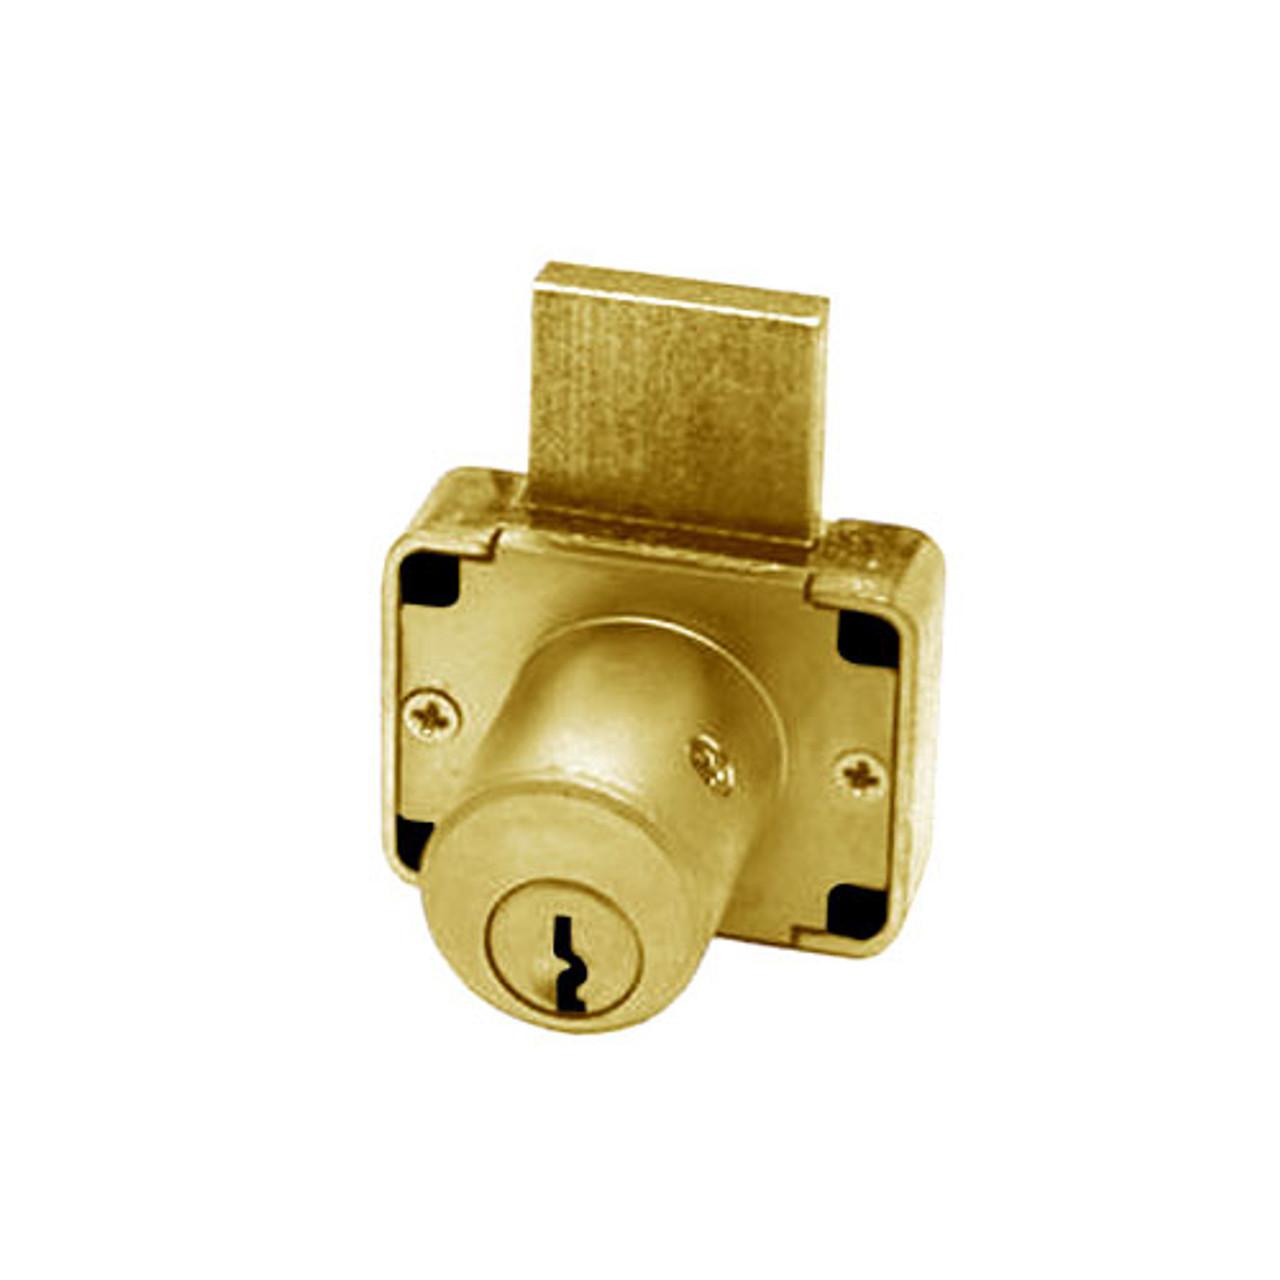 Olympus 600DW-KD-US4-7/8 Deadbolt Locks in Satin Brass Finish